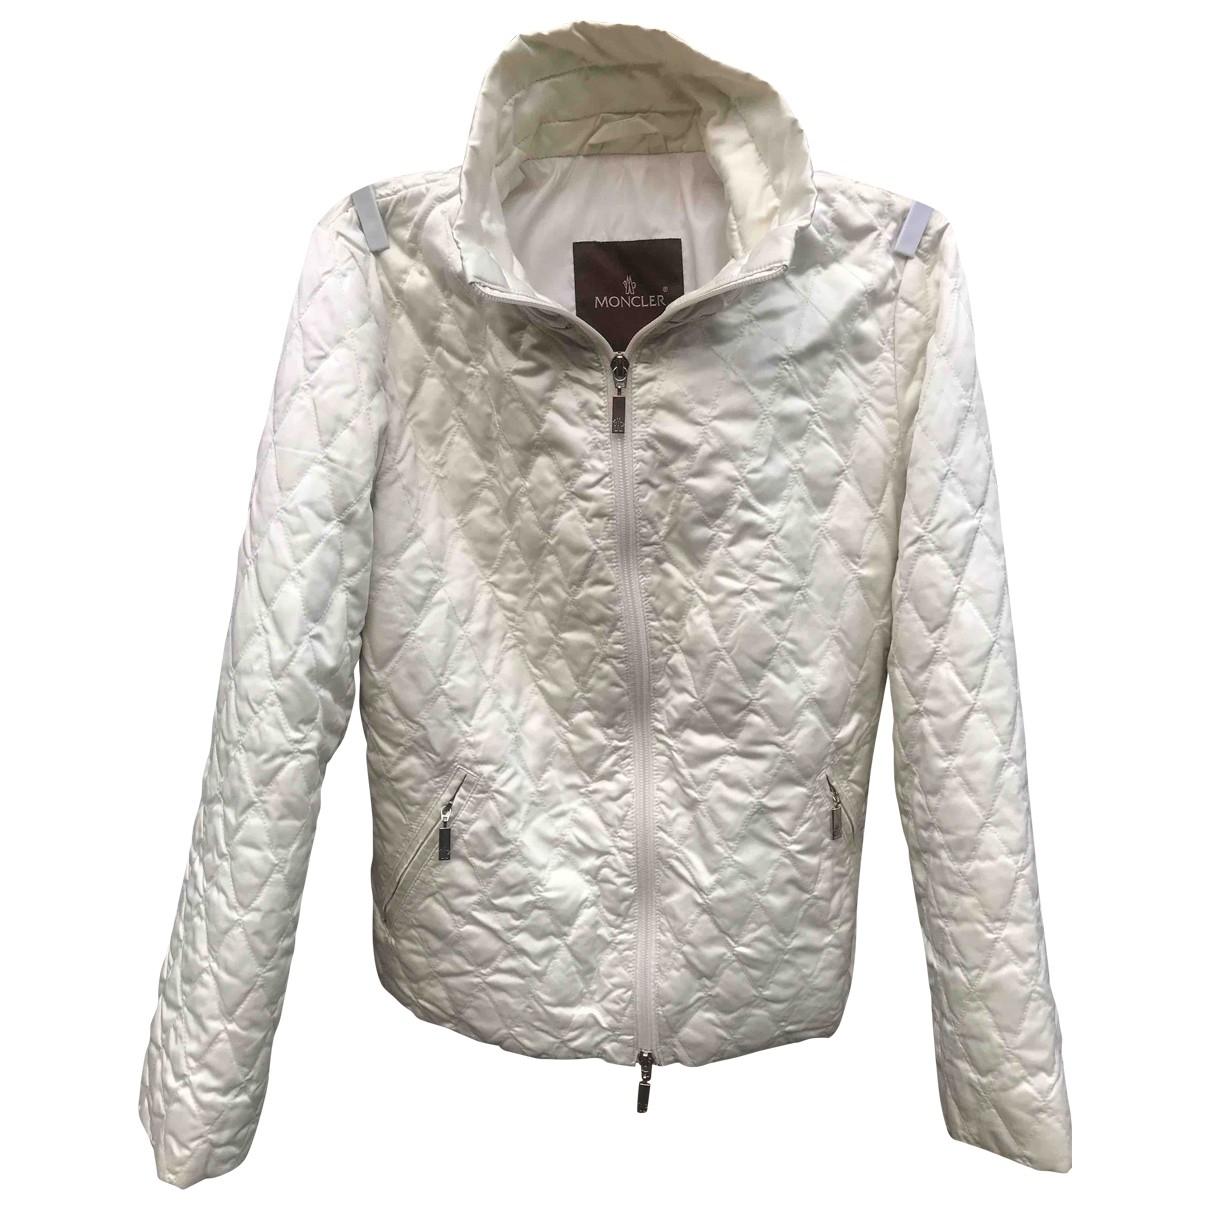 Moncler \N White coat for Women XS International